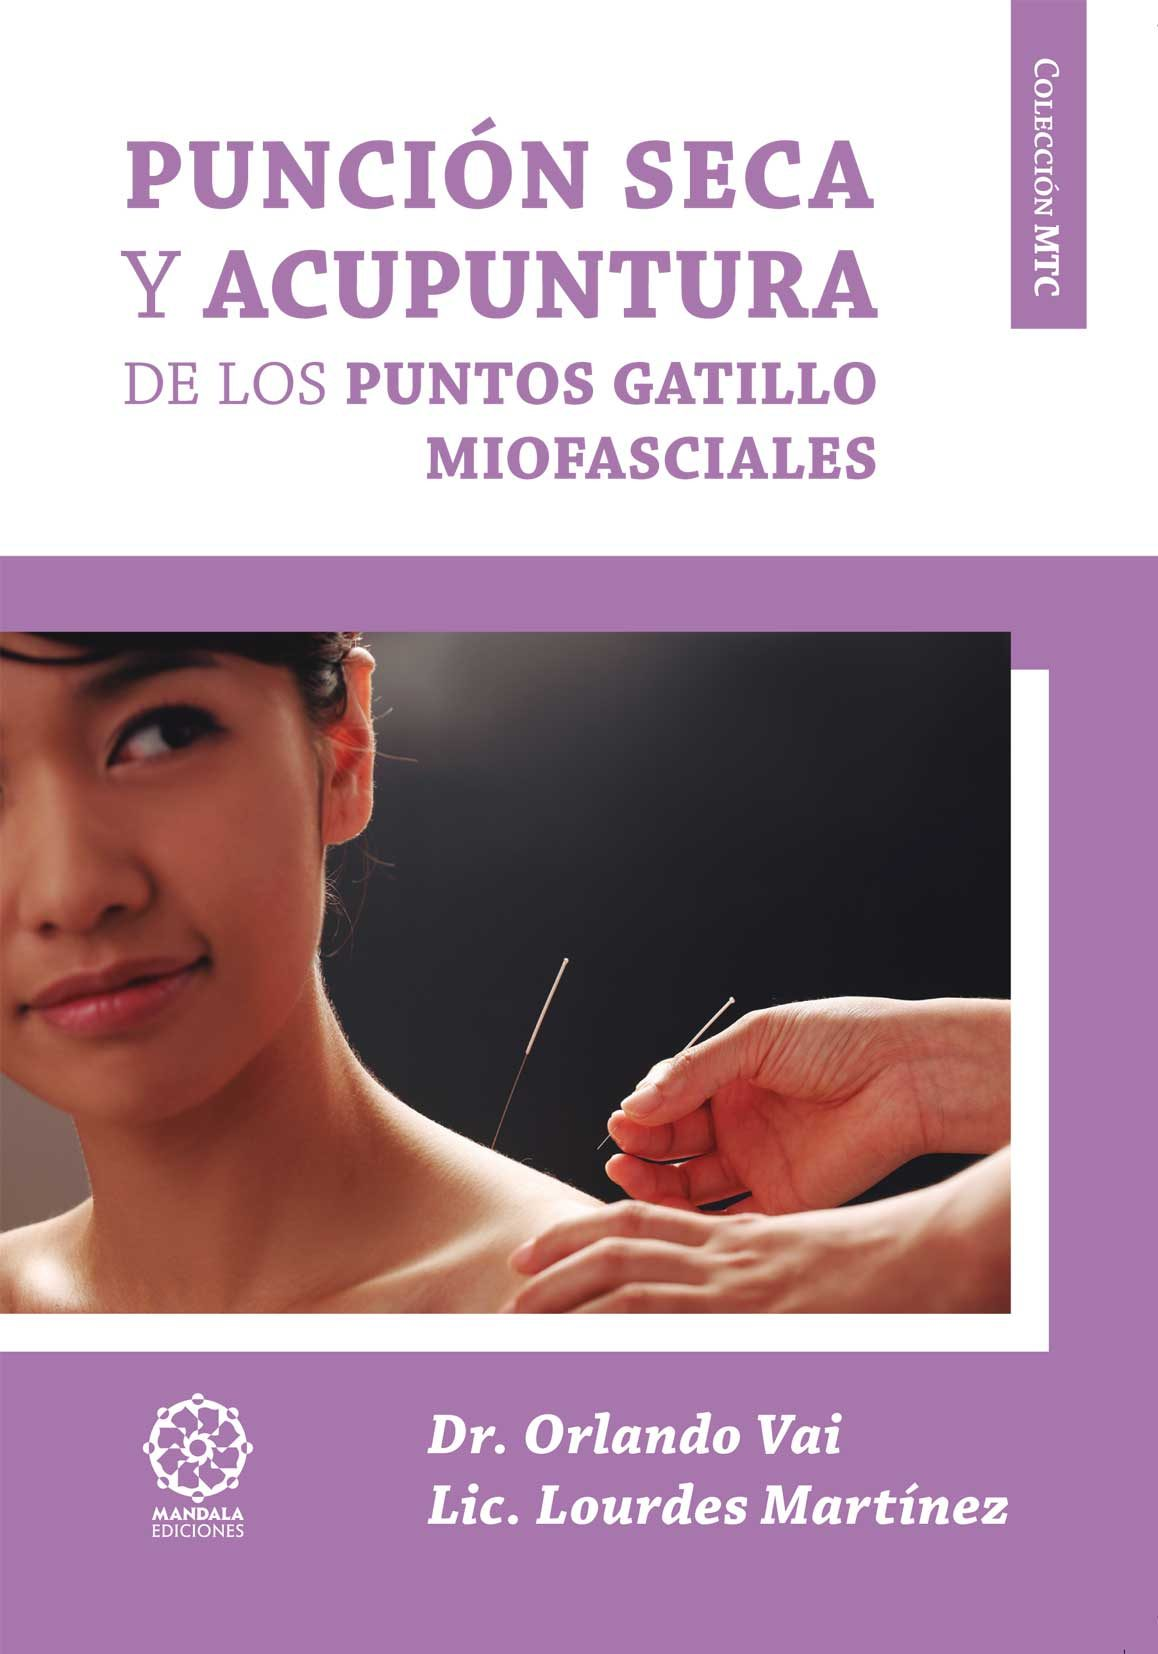 puncion seca y acupuntura de los puntos gatillo miofasciales-orlando vai-9788483529935